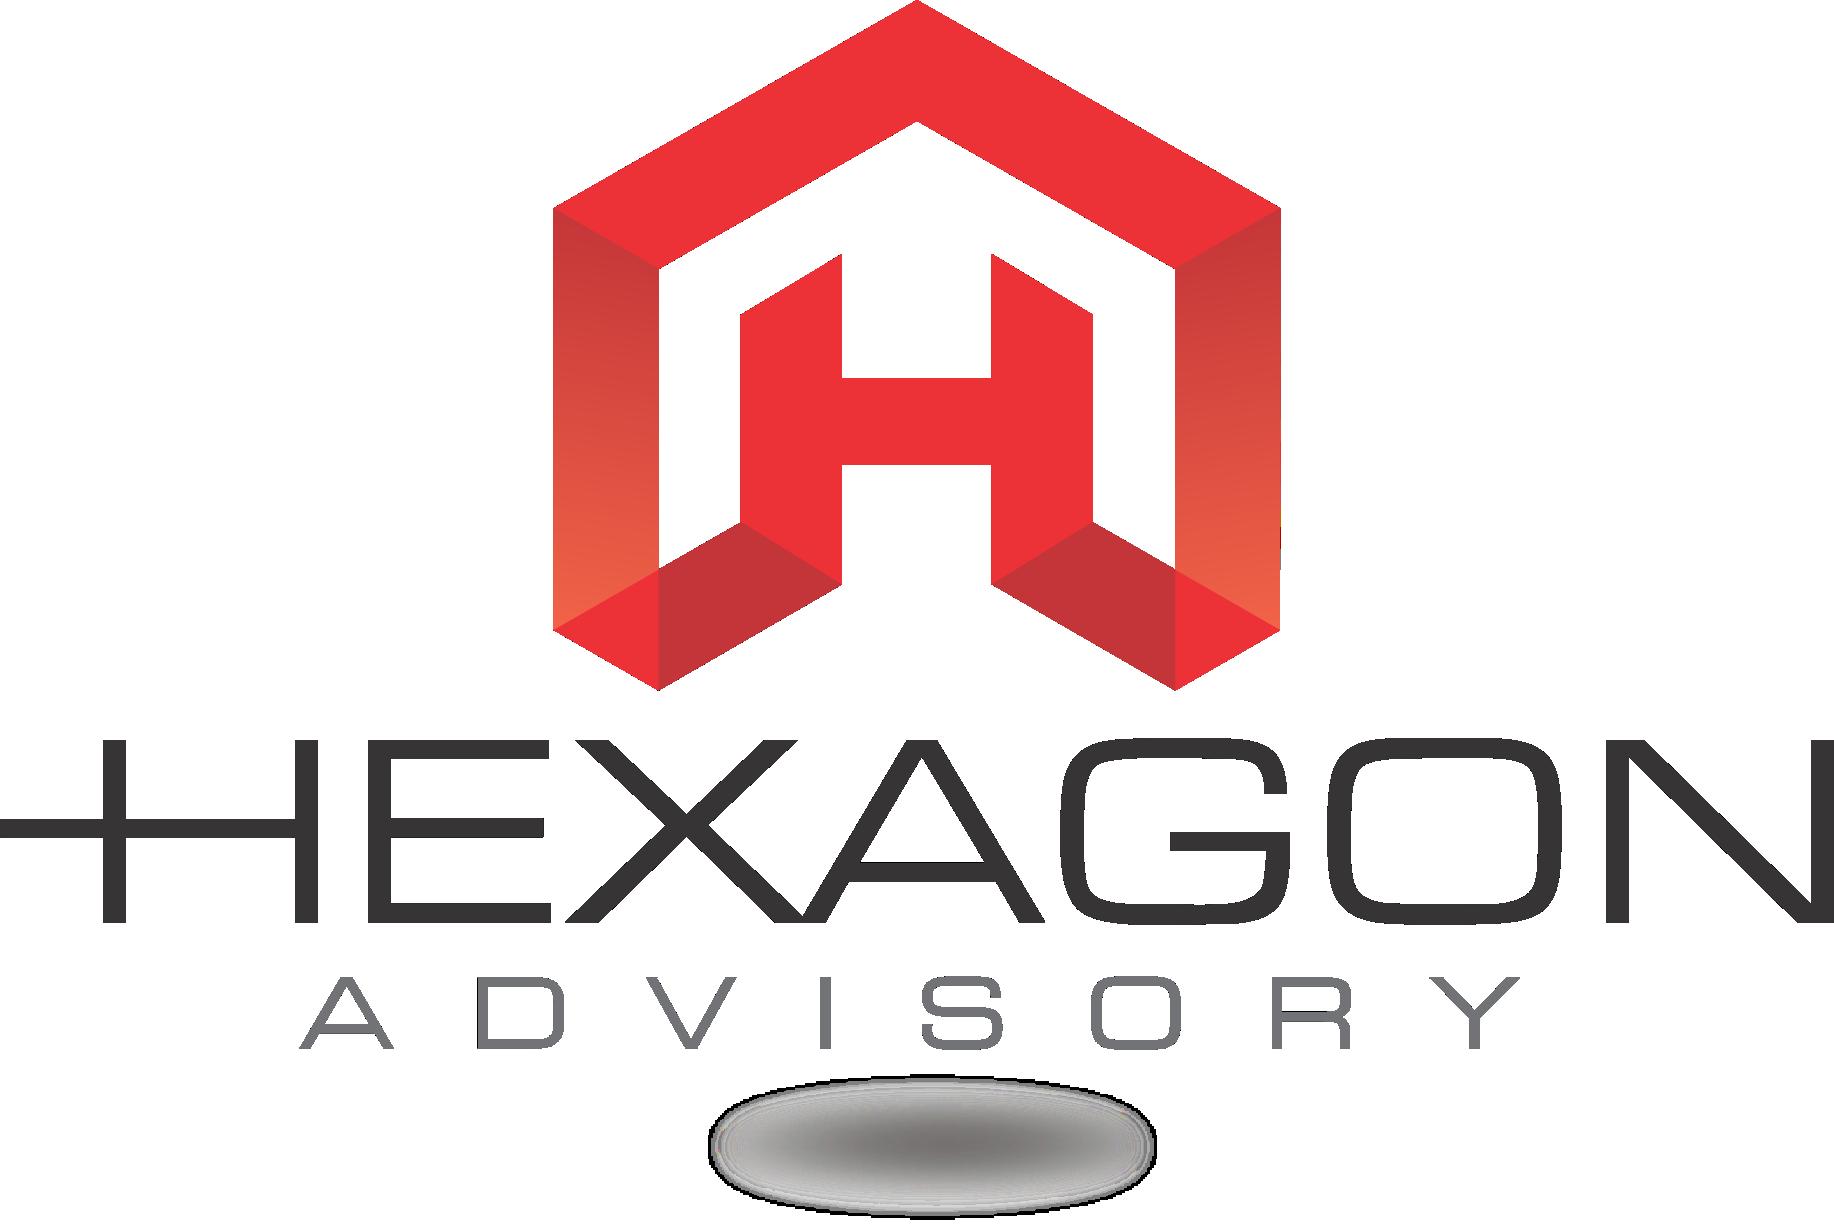 Hexagon – Advisory Limited